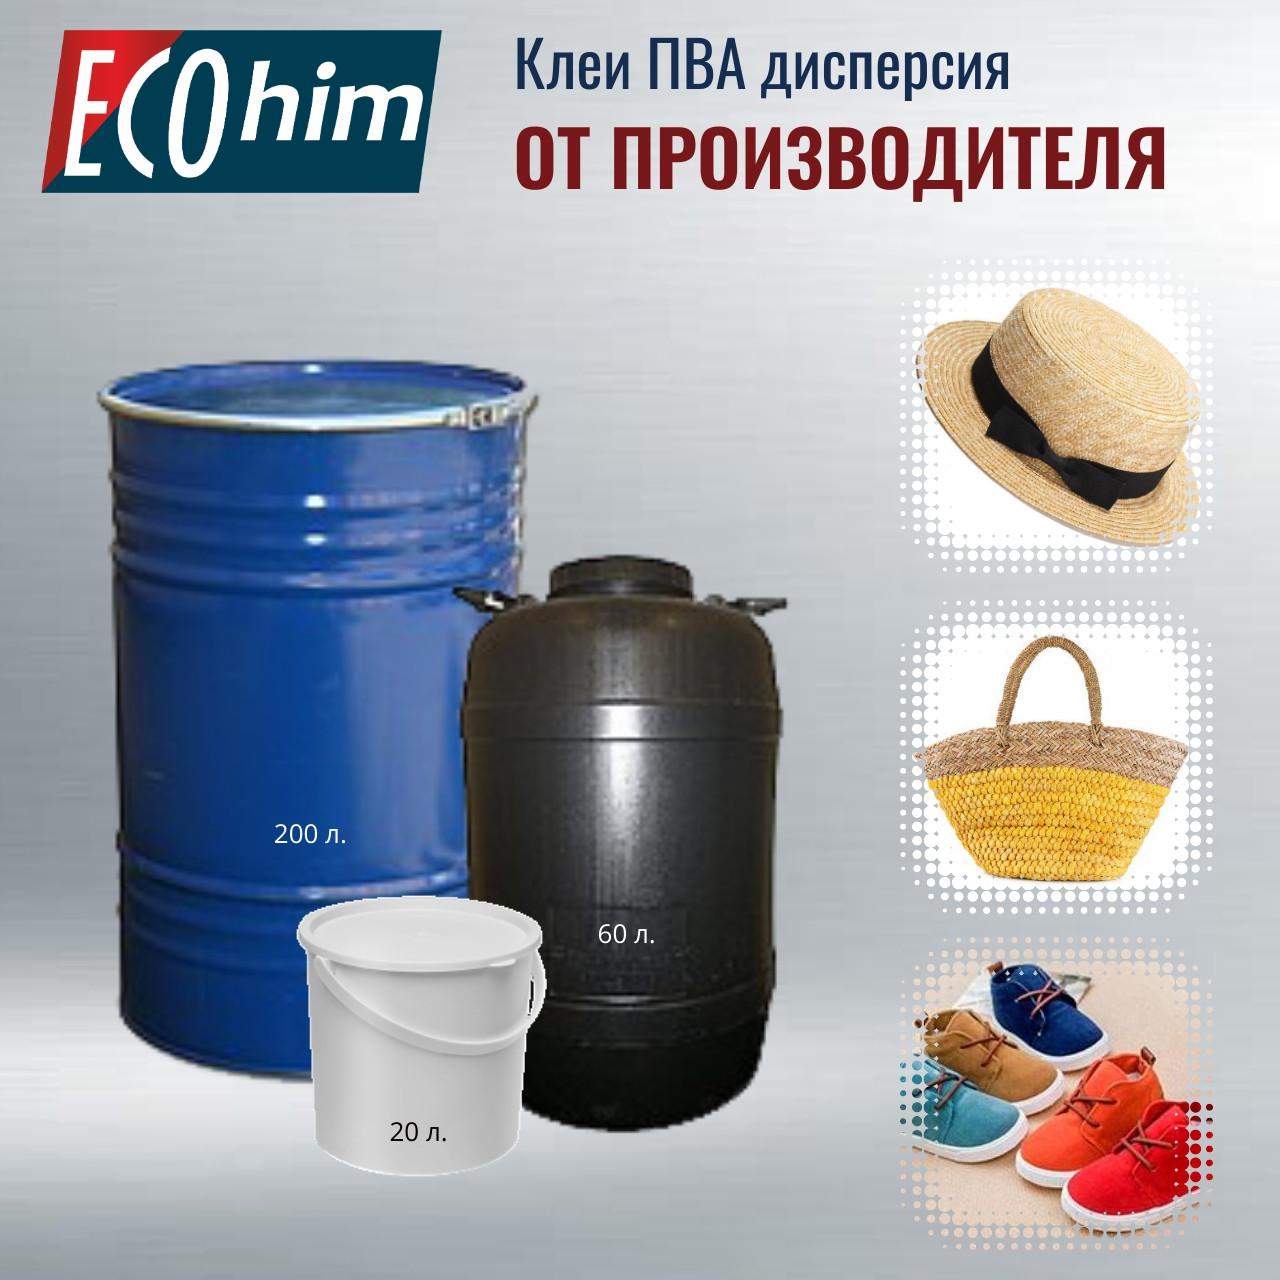 Клей ПВА дисперсия марка Д 35П пластифицированная оптом